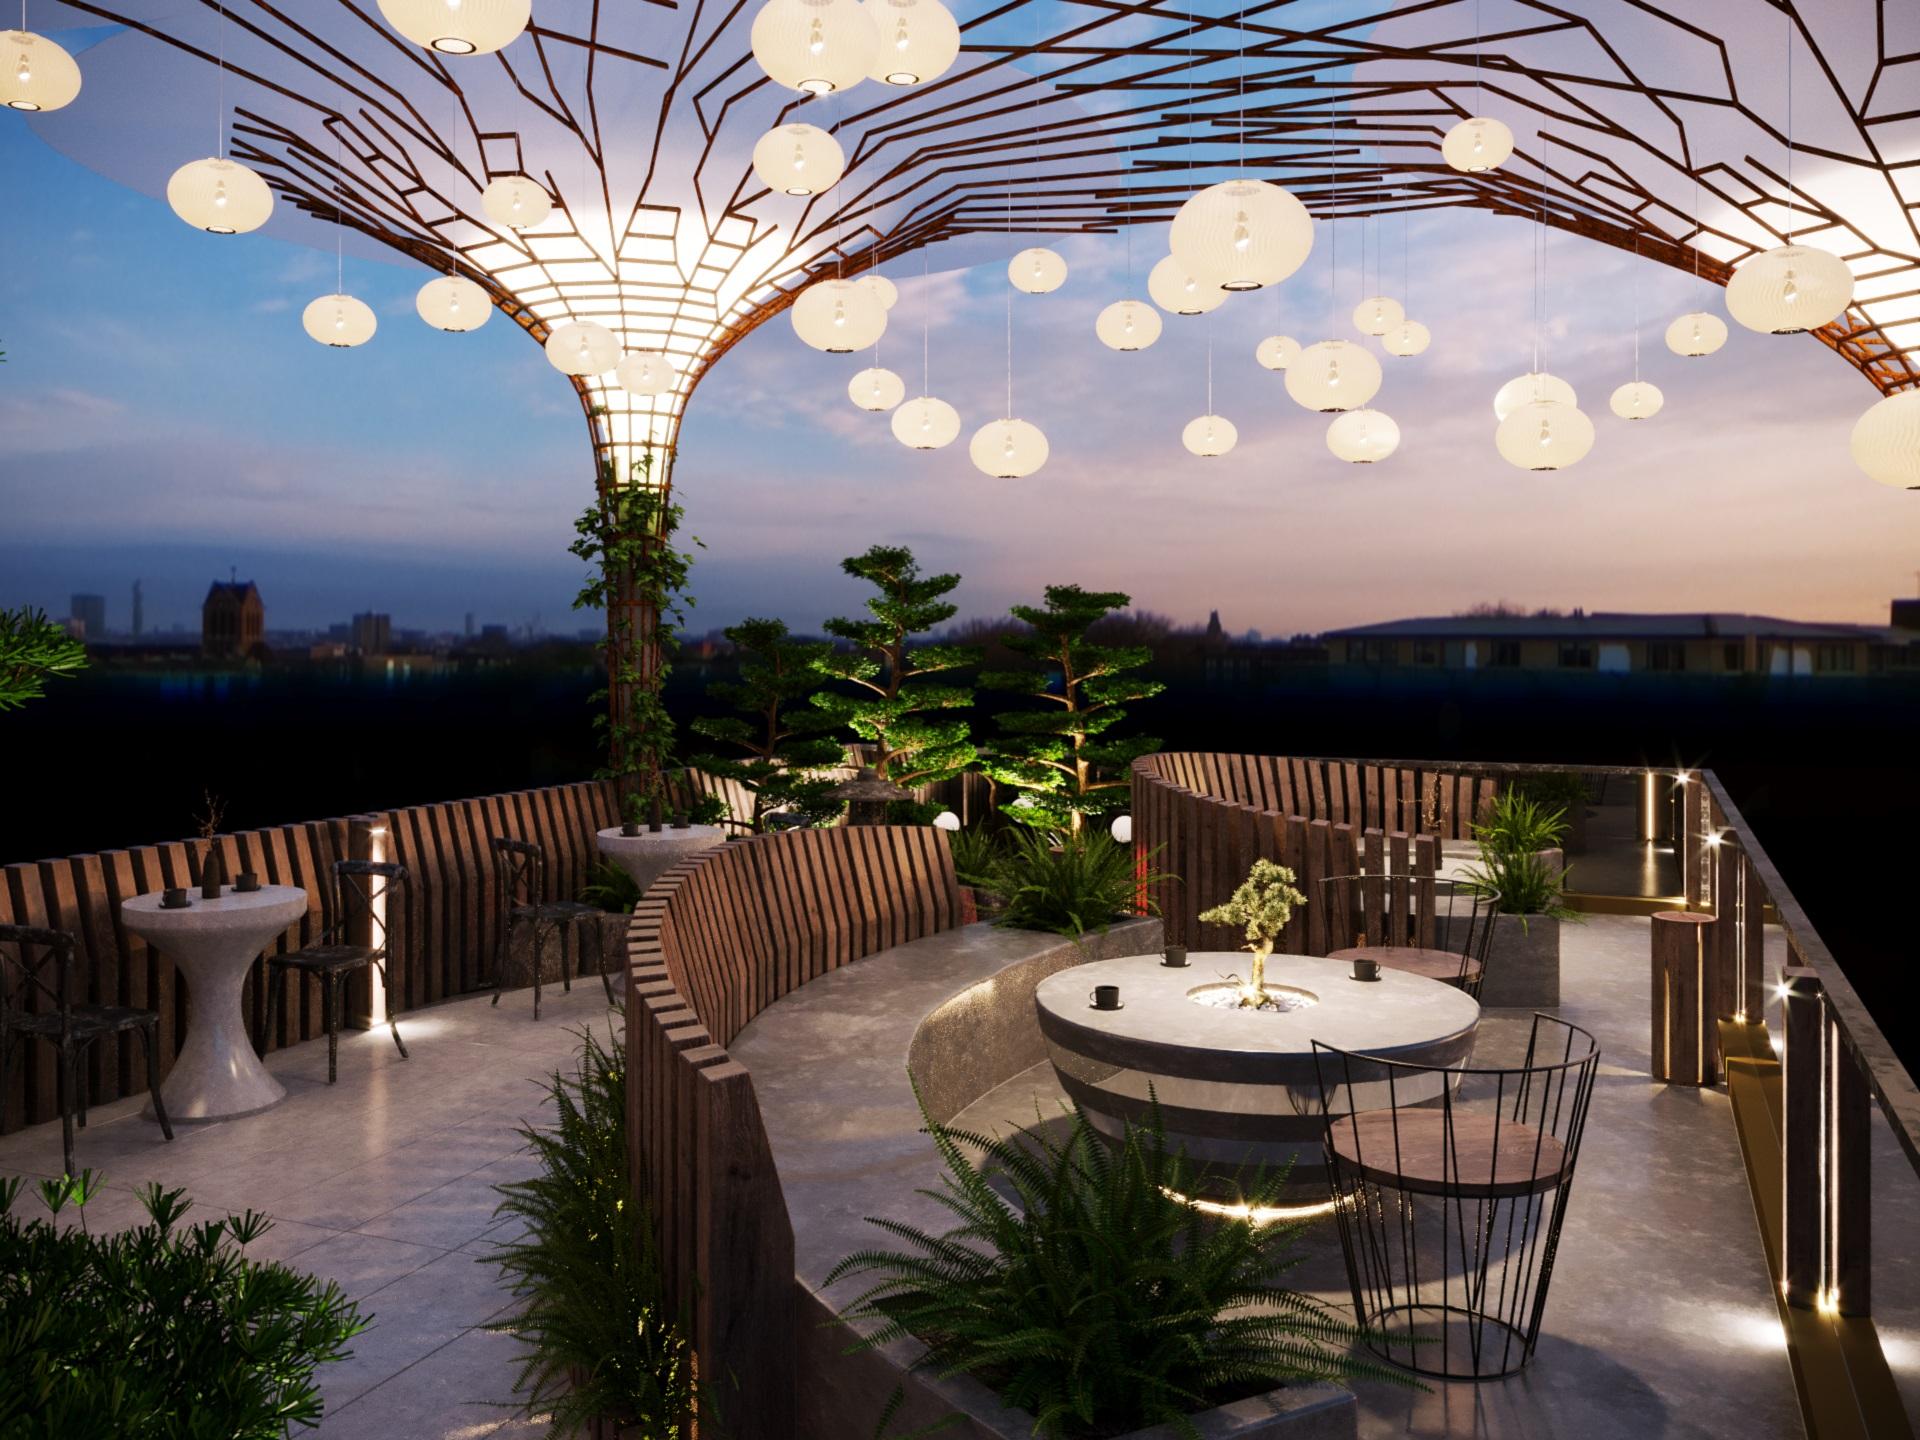 thiết kế nội thất Cafe tại Hà Nội caffee koi 5 1560229076